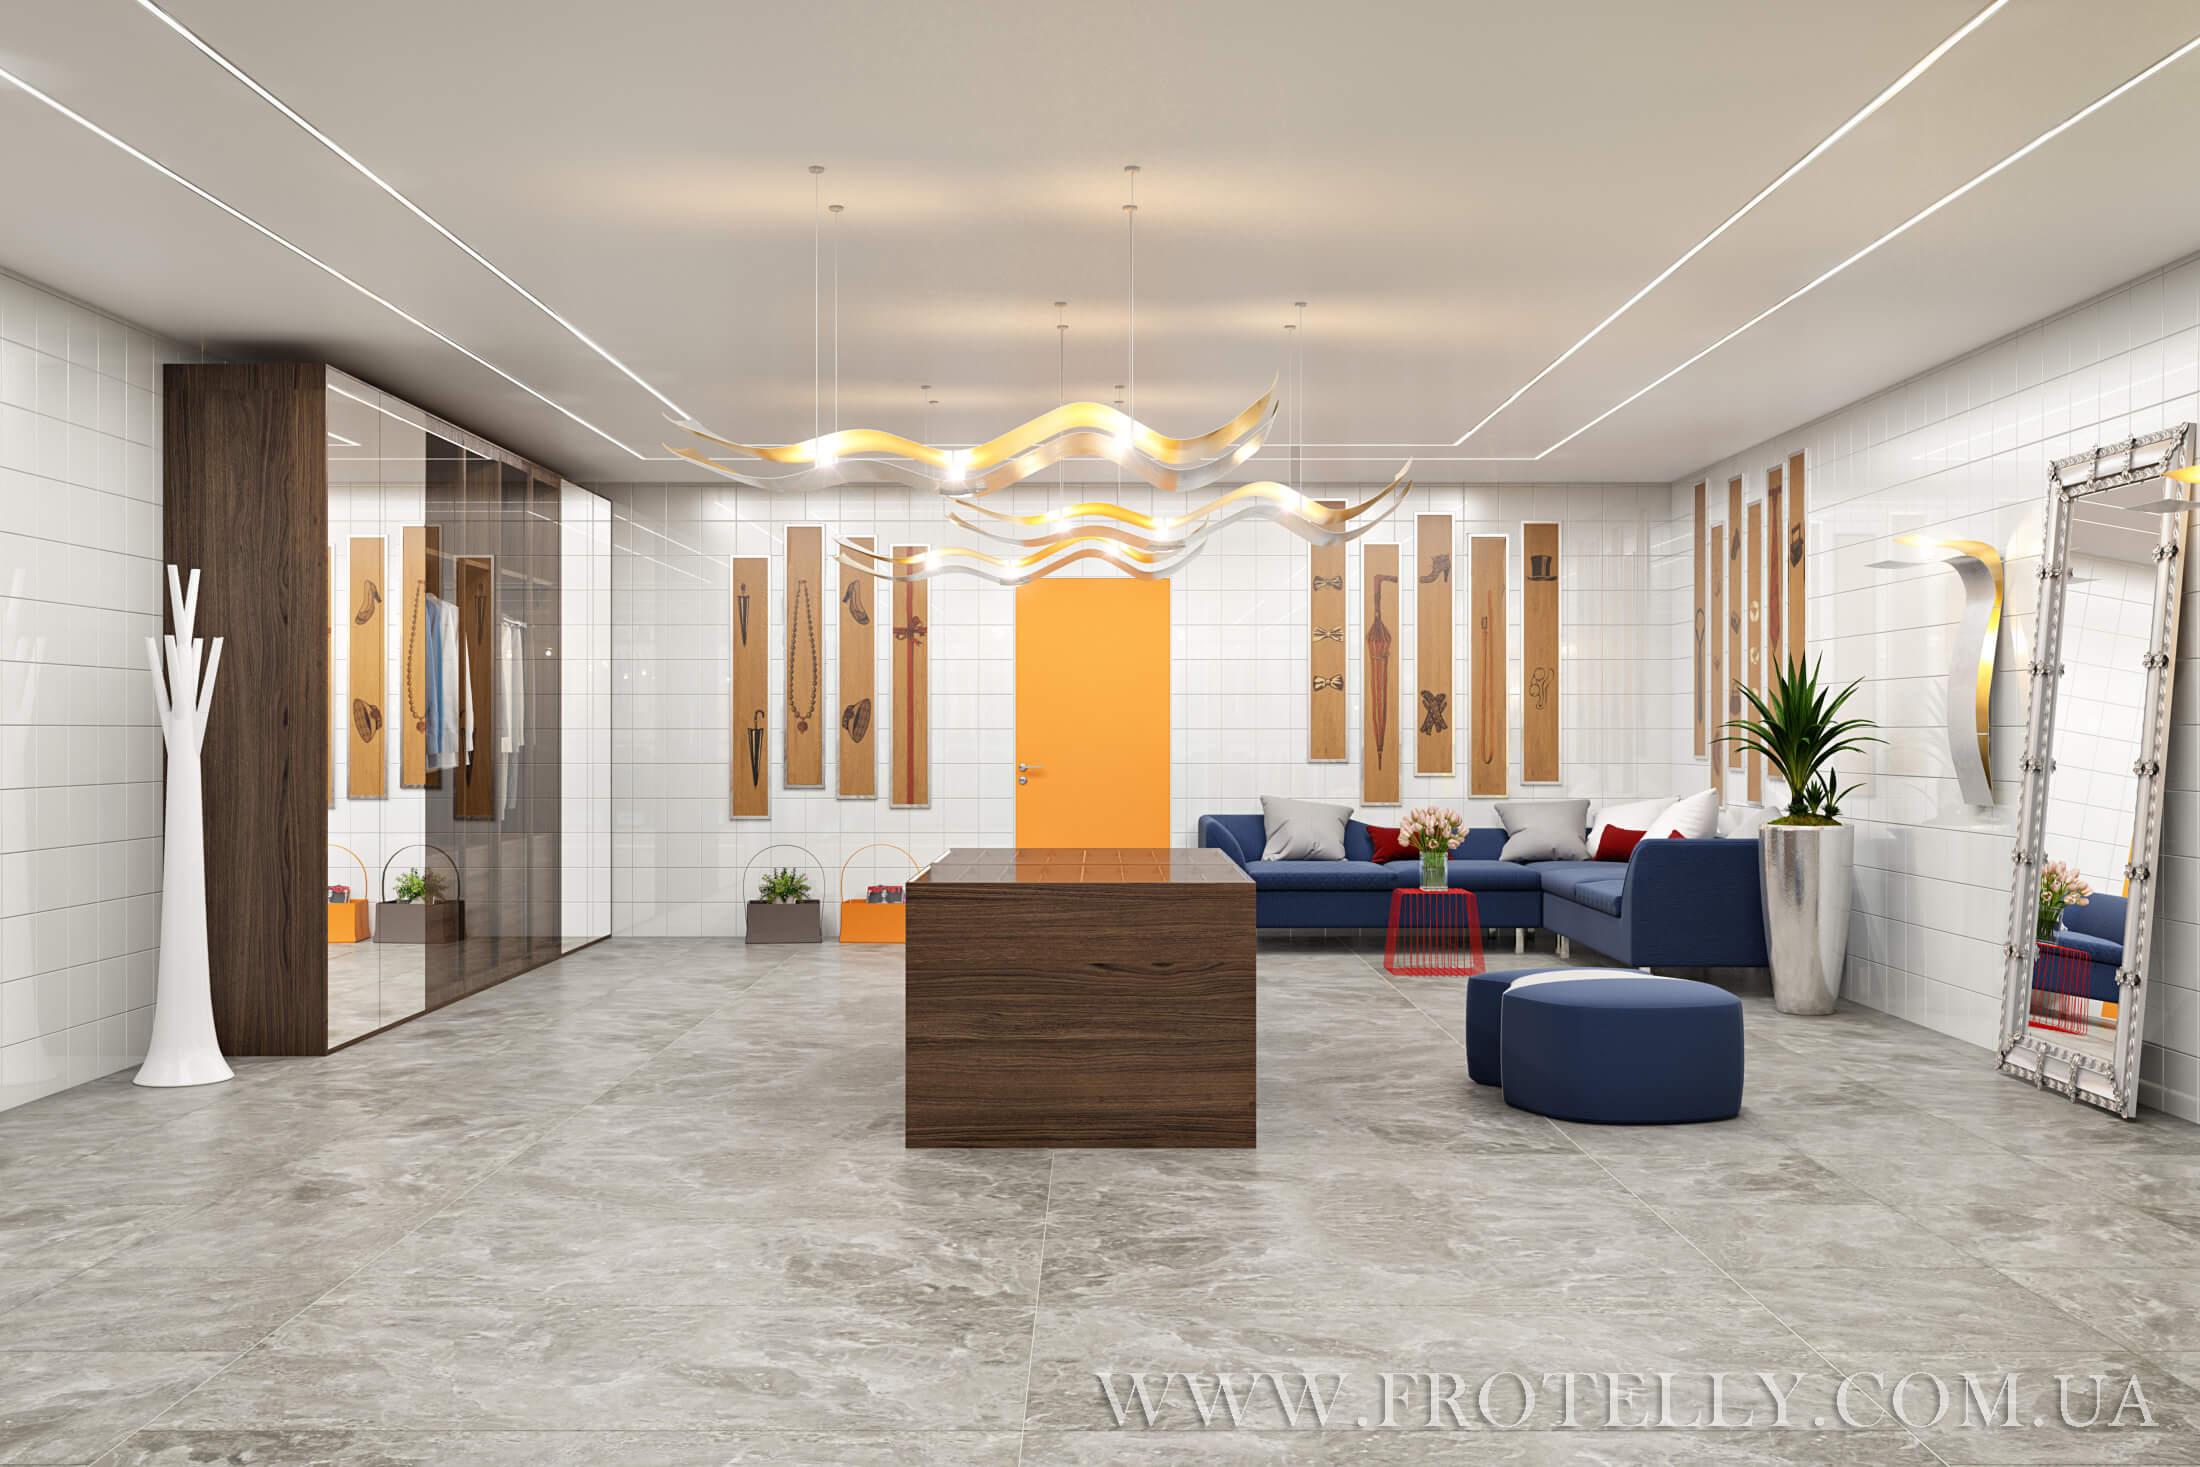 Bonaldo Walkin Closet 1 реализованные проекты